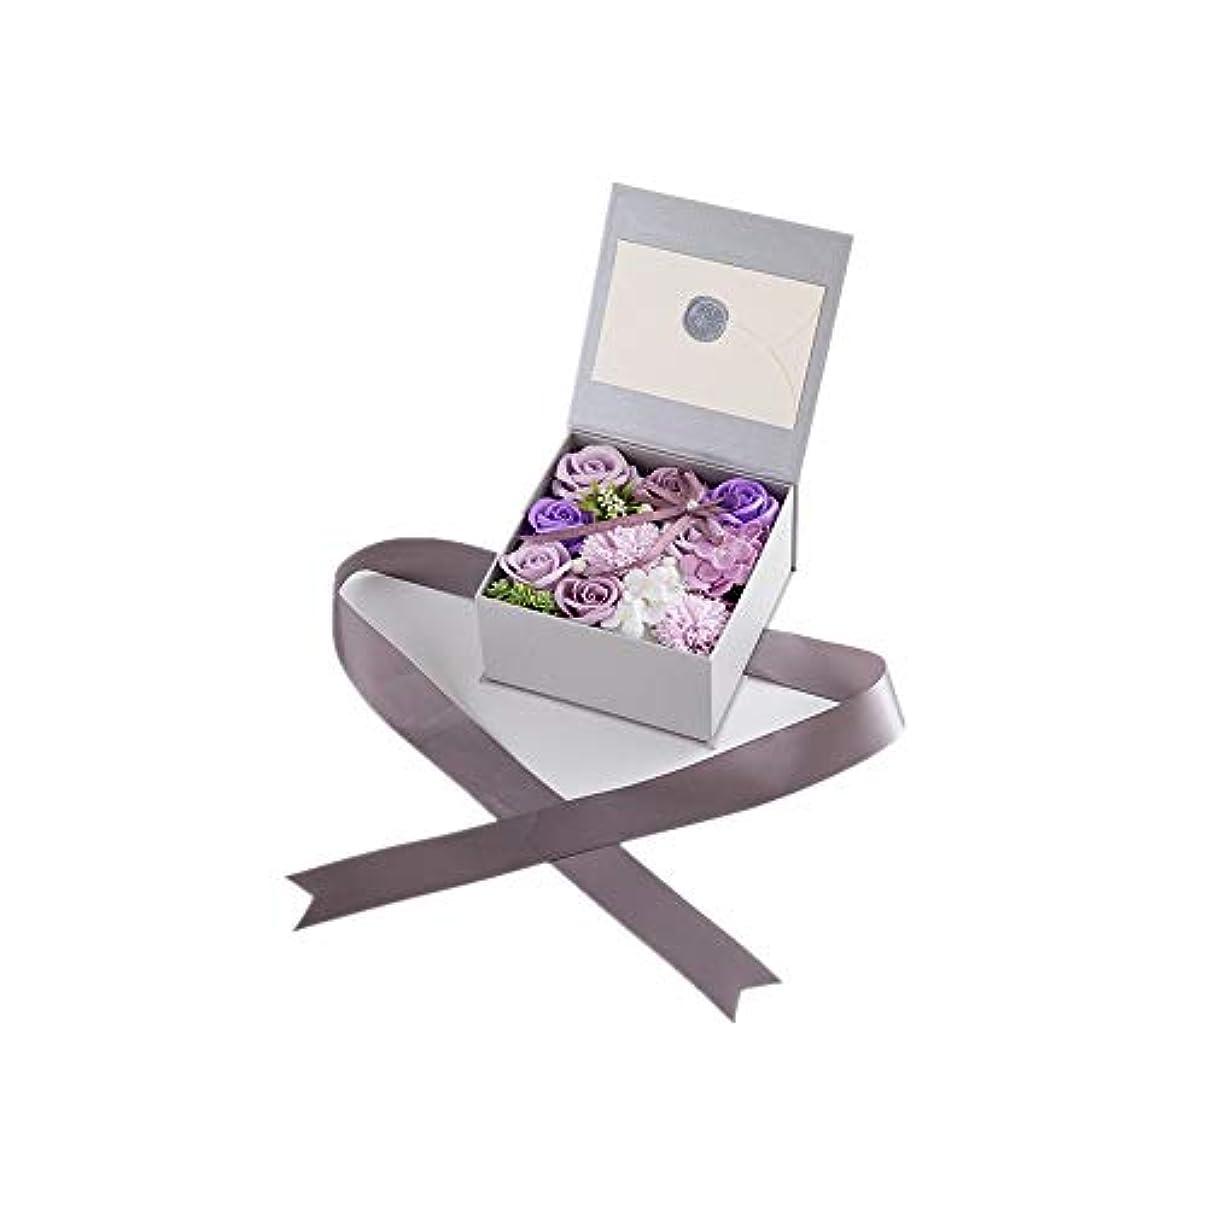 ピストン報復する大生地と花石鹸の花 絶妙な梱包フラワーバレンタインデーのための花バラ花束の記念日誕生日母の日 (色 : Violet)